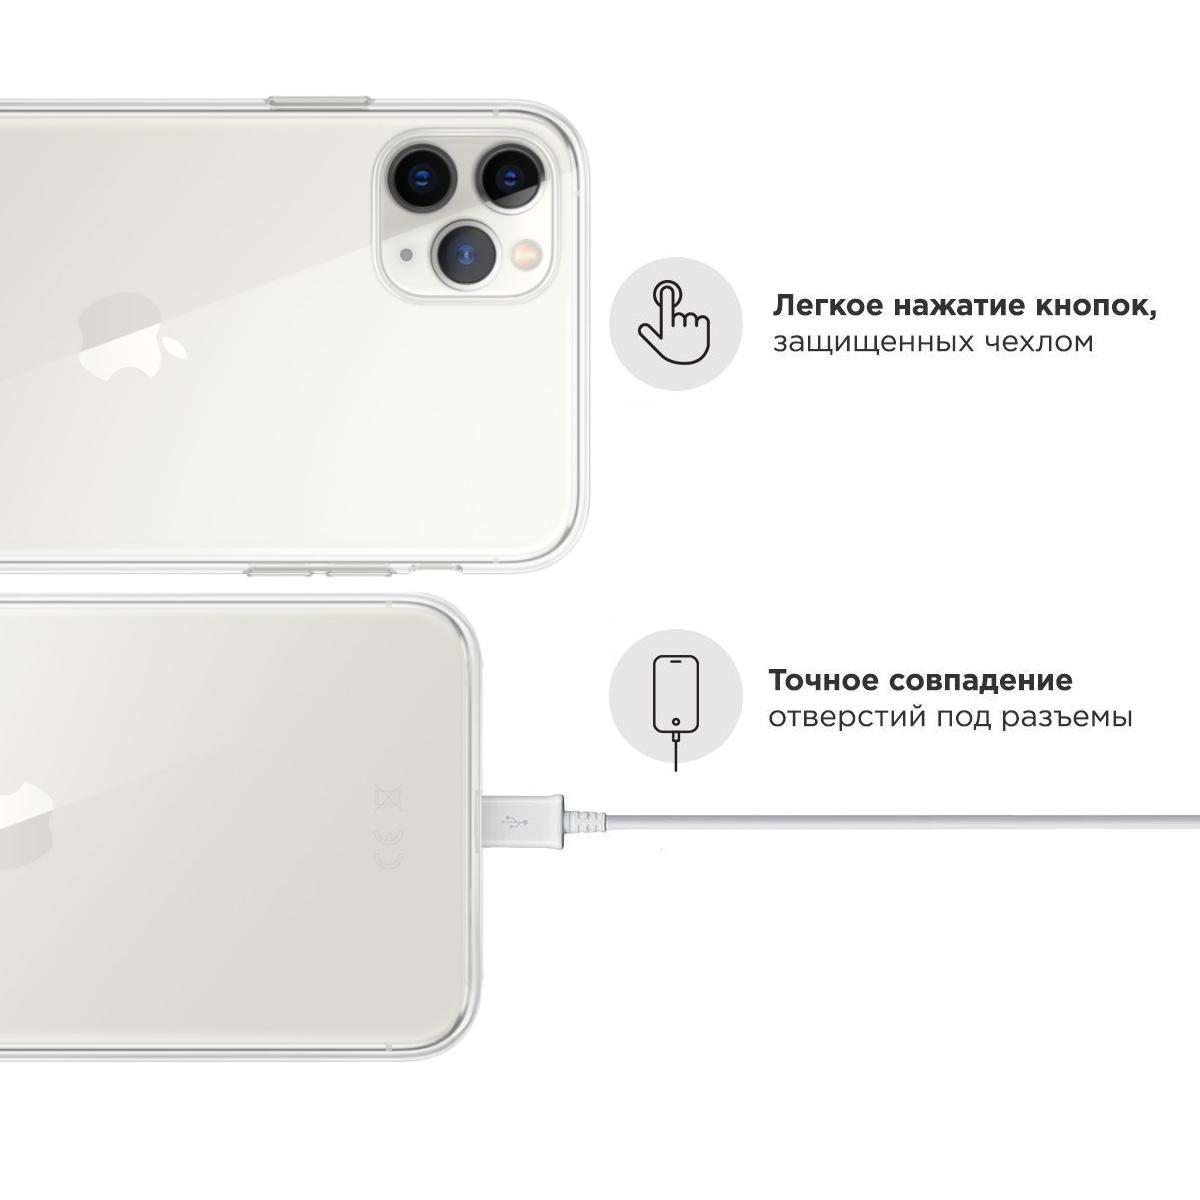 Прозрачный силиконовый чехол для iPhone 11 Pro Max Panda Girl/ Панда для Айфон 11 Про Макс